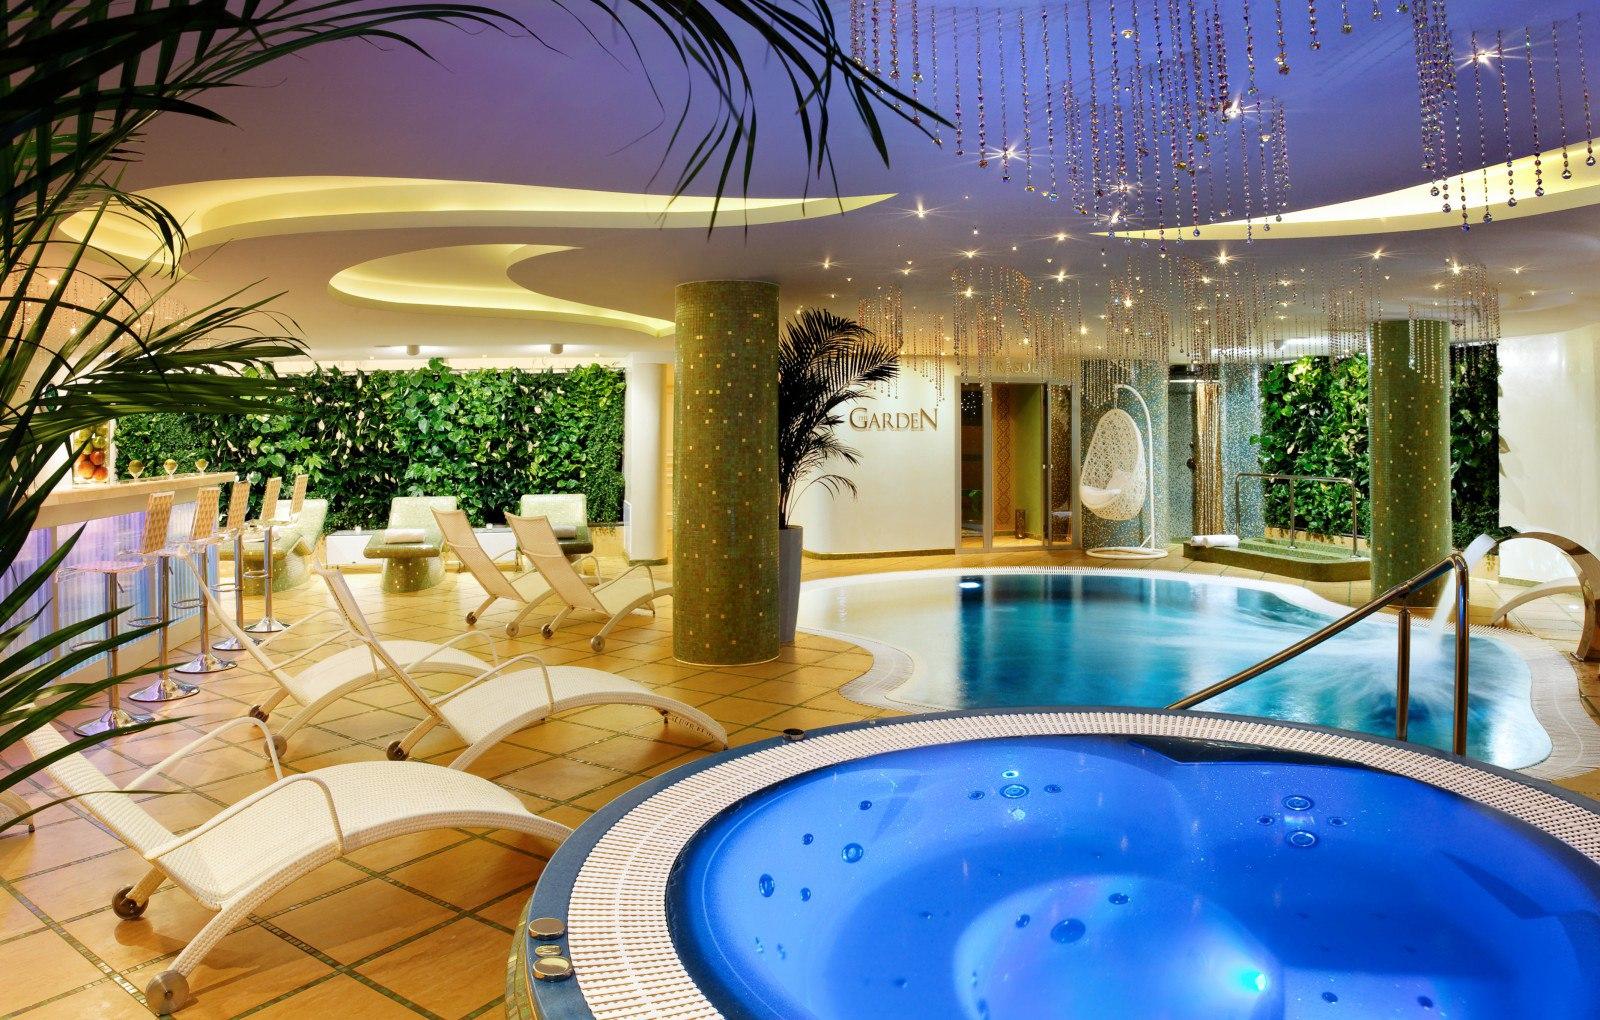 В спа-салонах отеля есть более современные и роскошные душевые кабины.